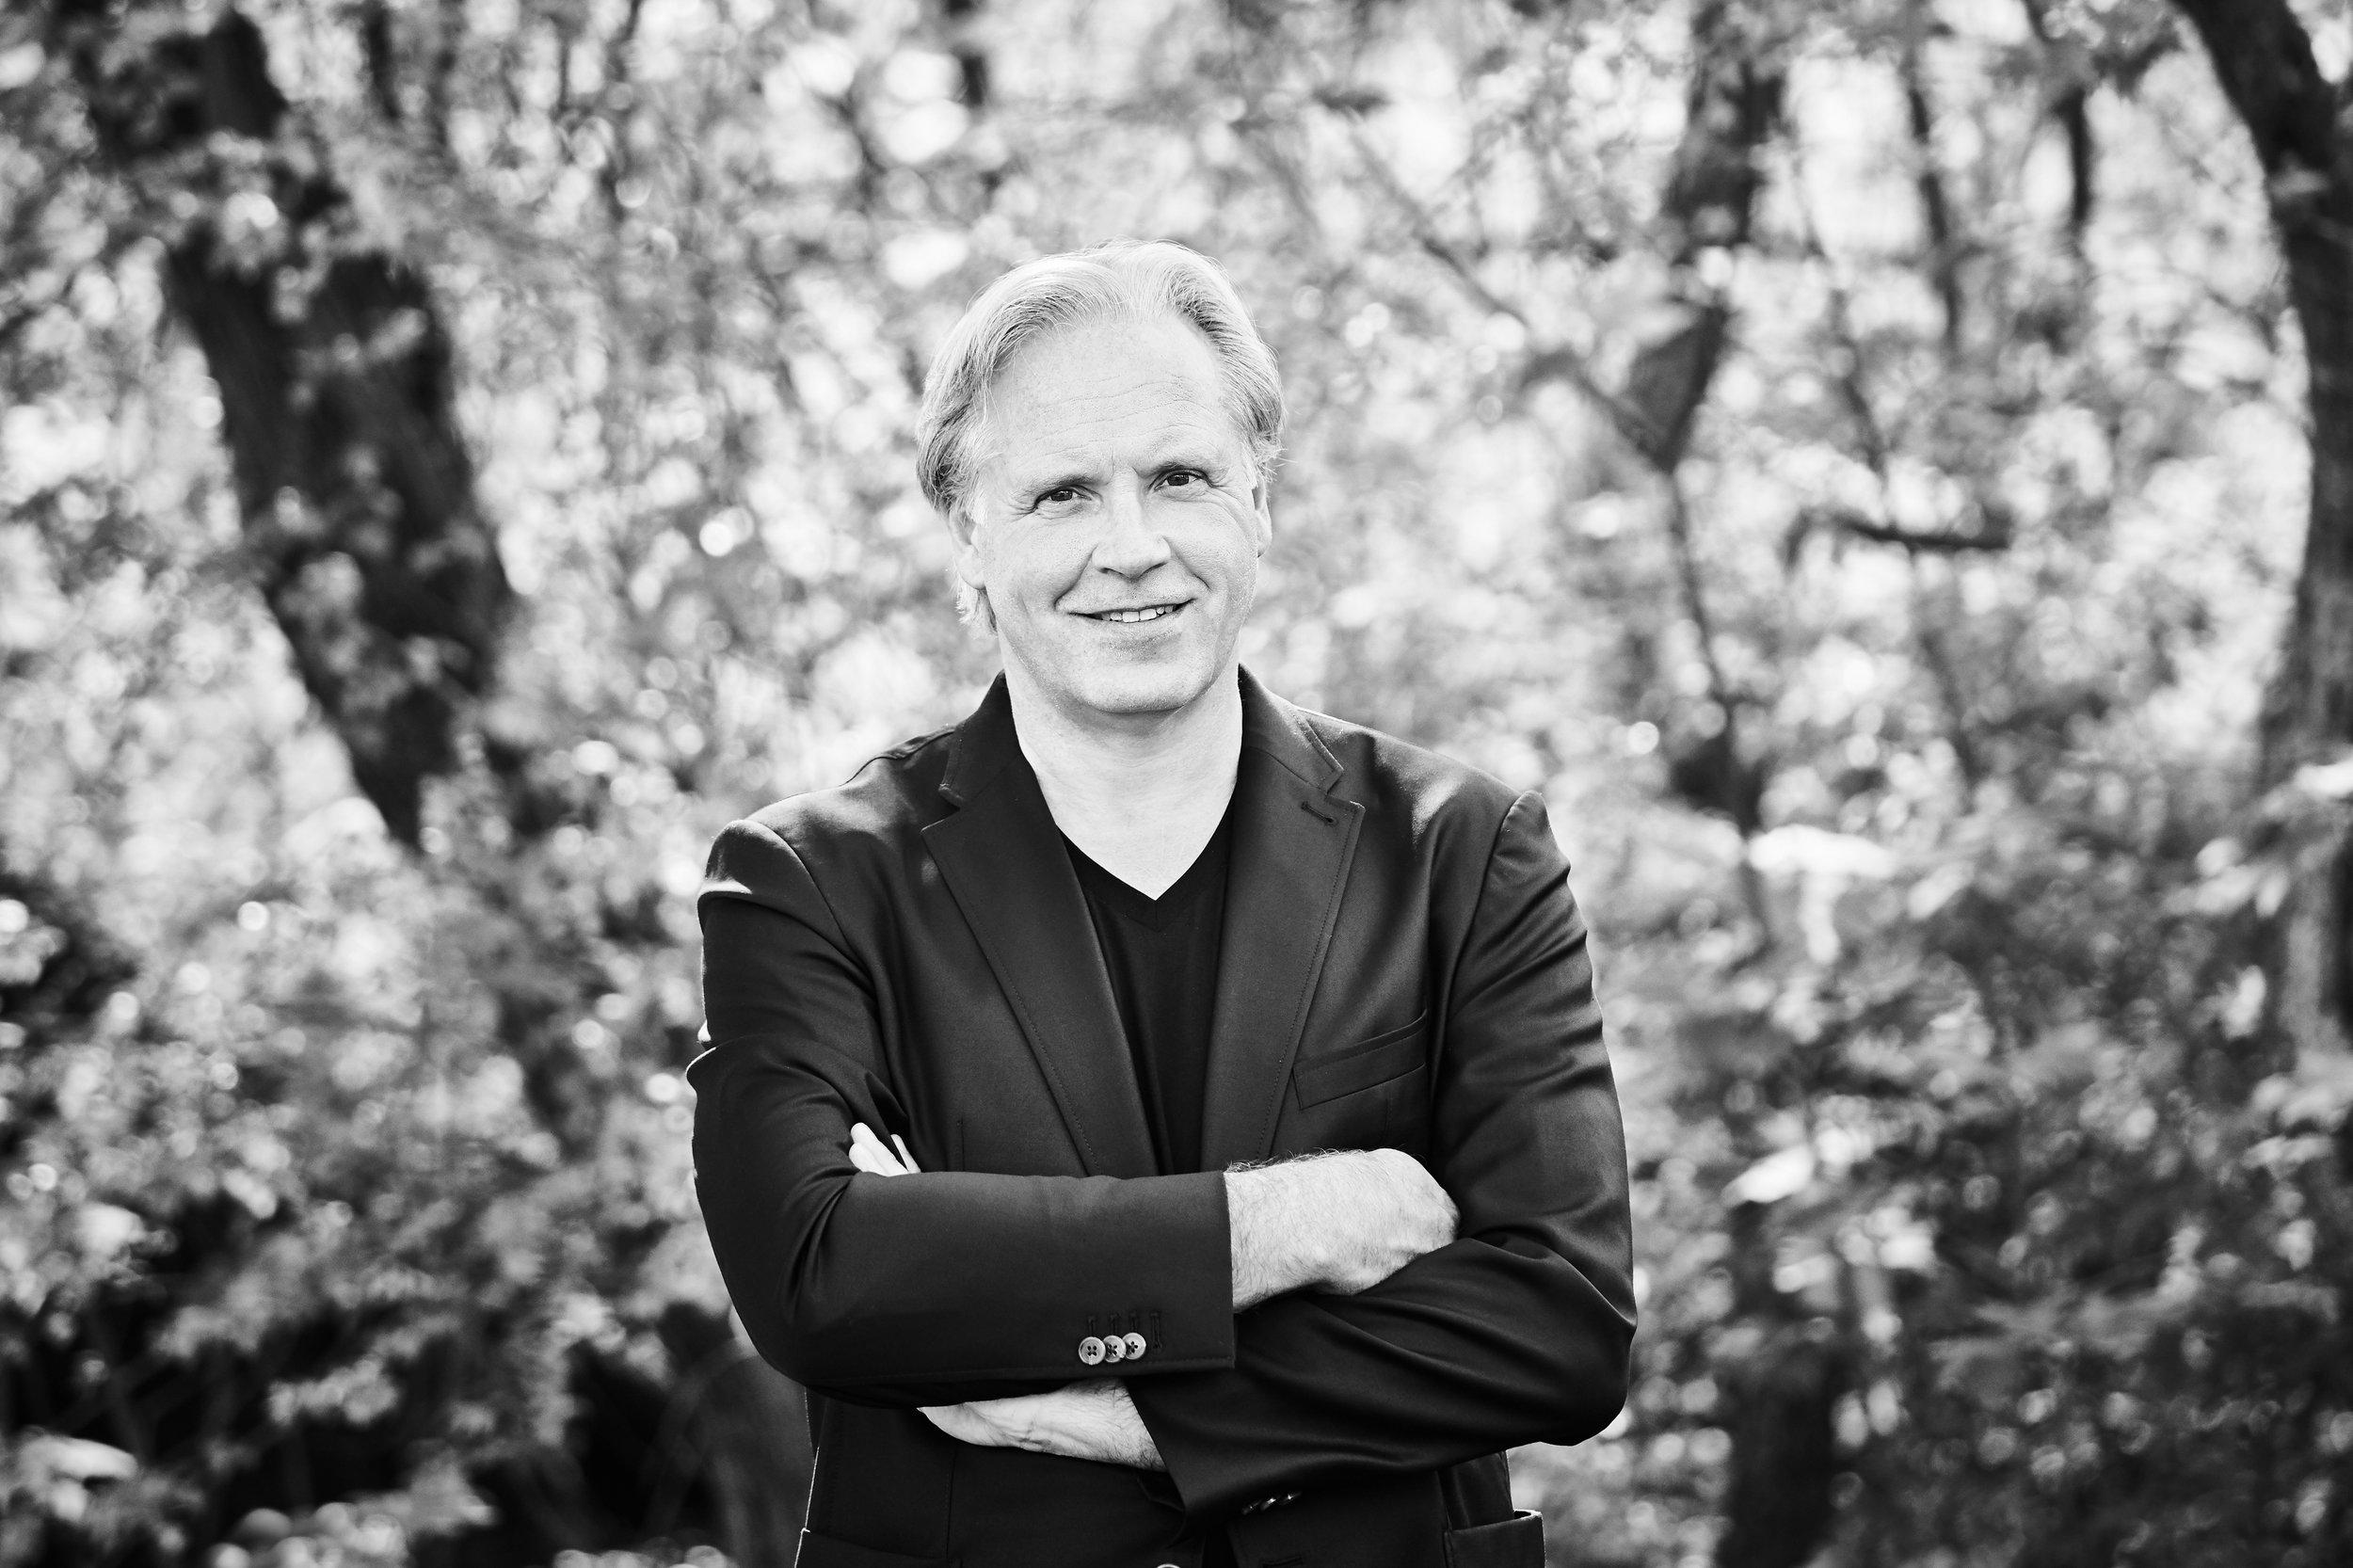 press photo Markus Stenz No. 14a bw (c) Kaupo Kikkas